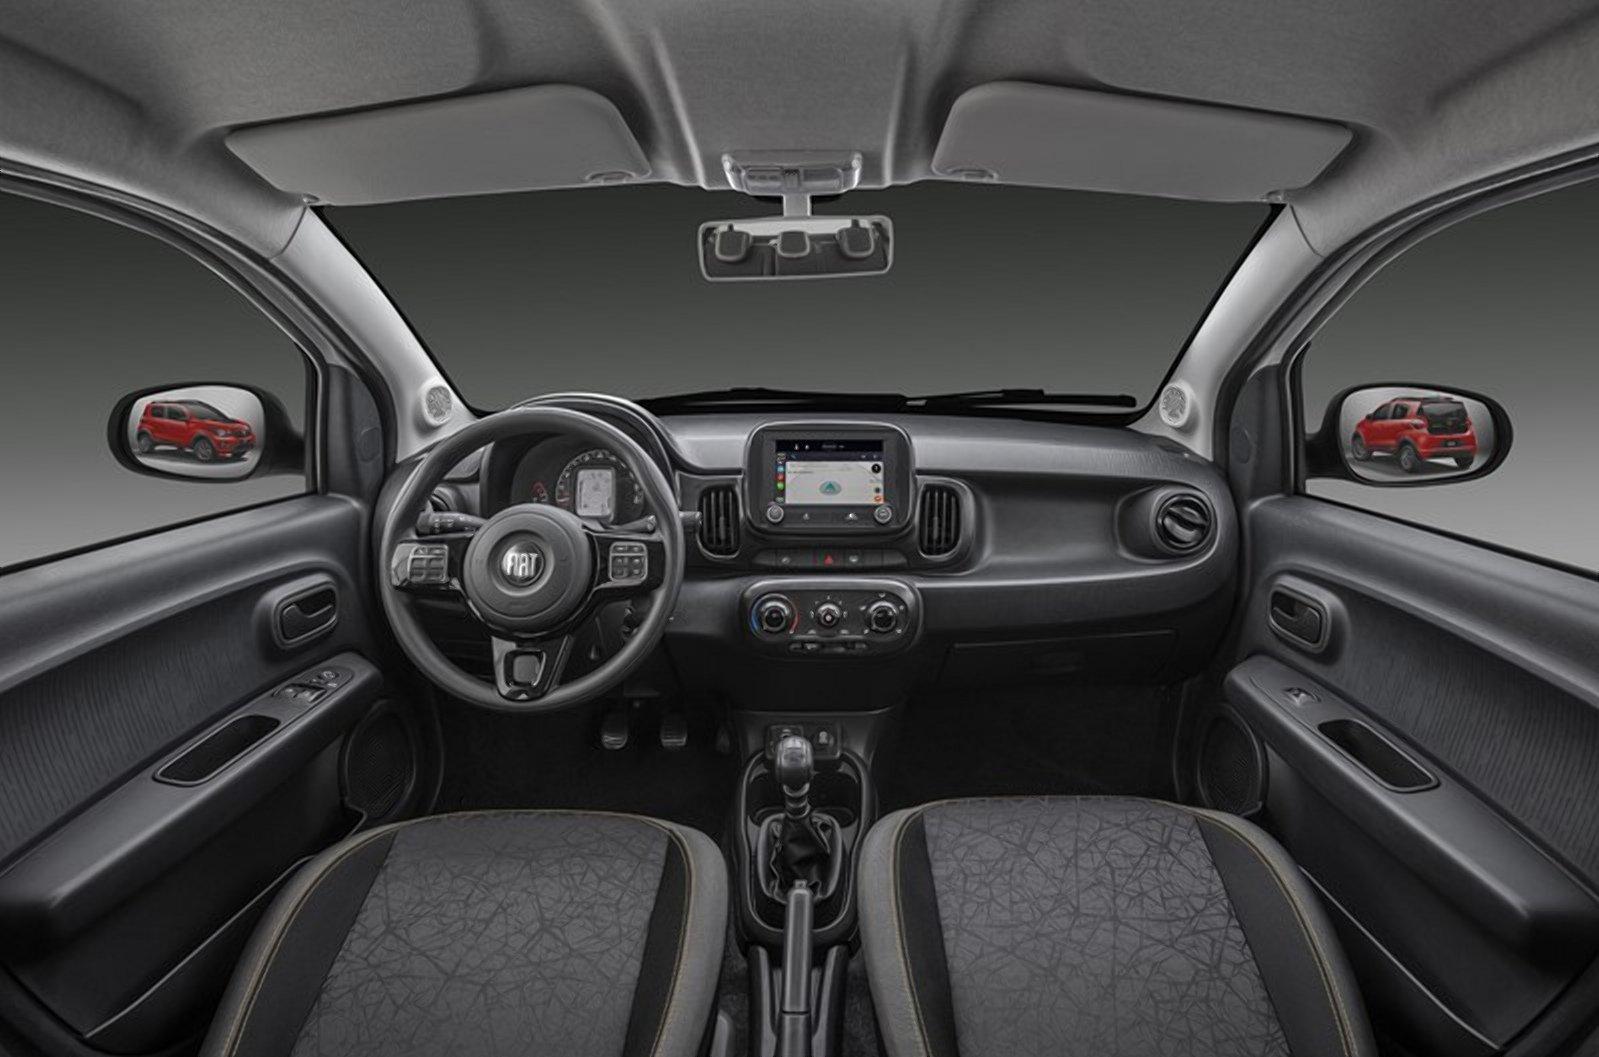 Fiat представив автомобіль за сім тисяч доларів